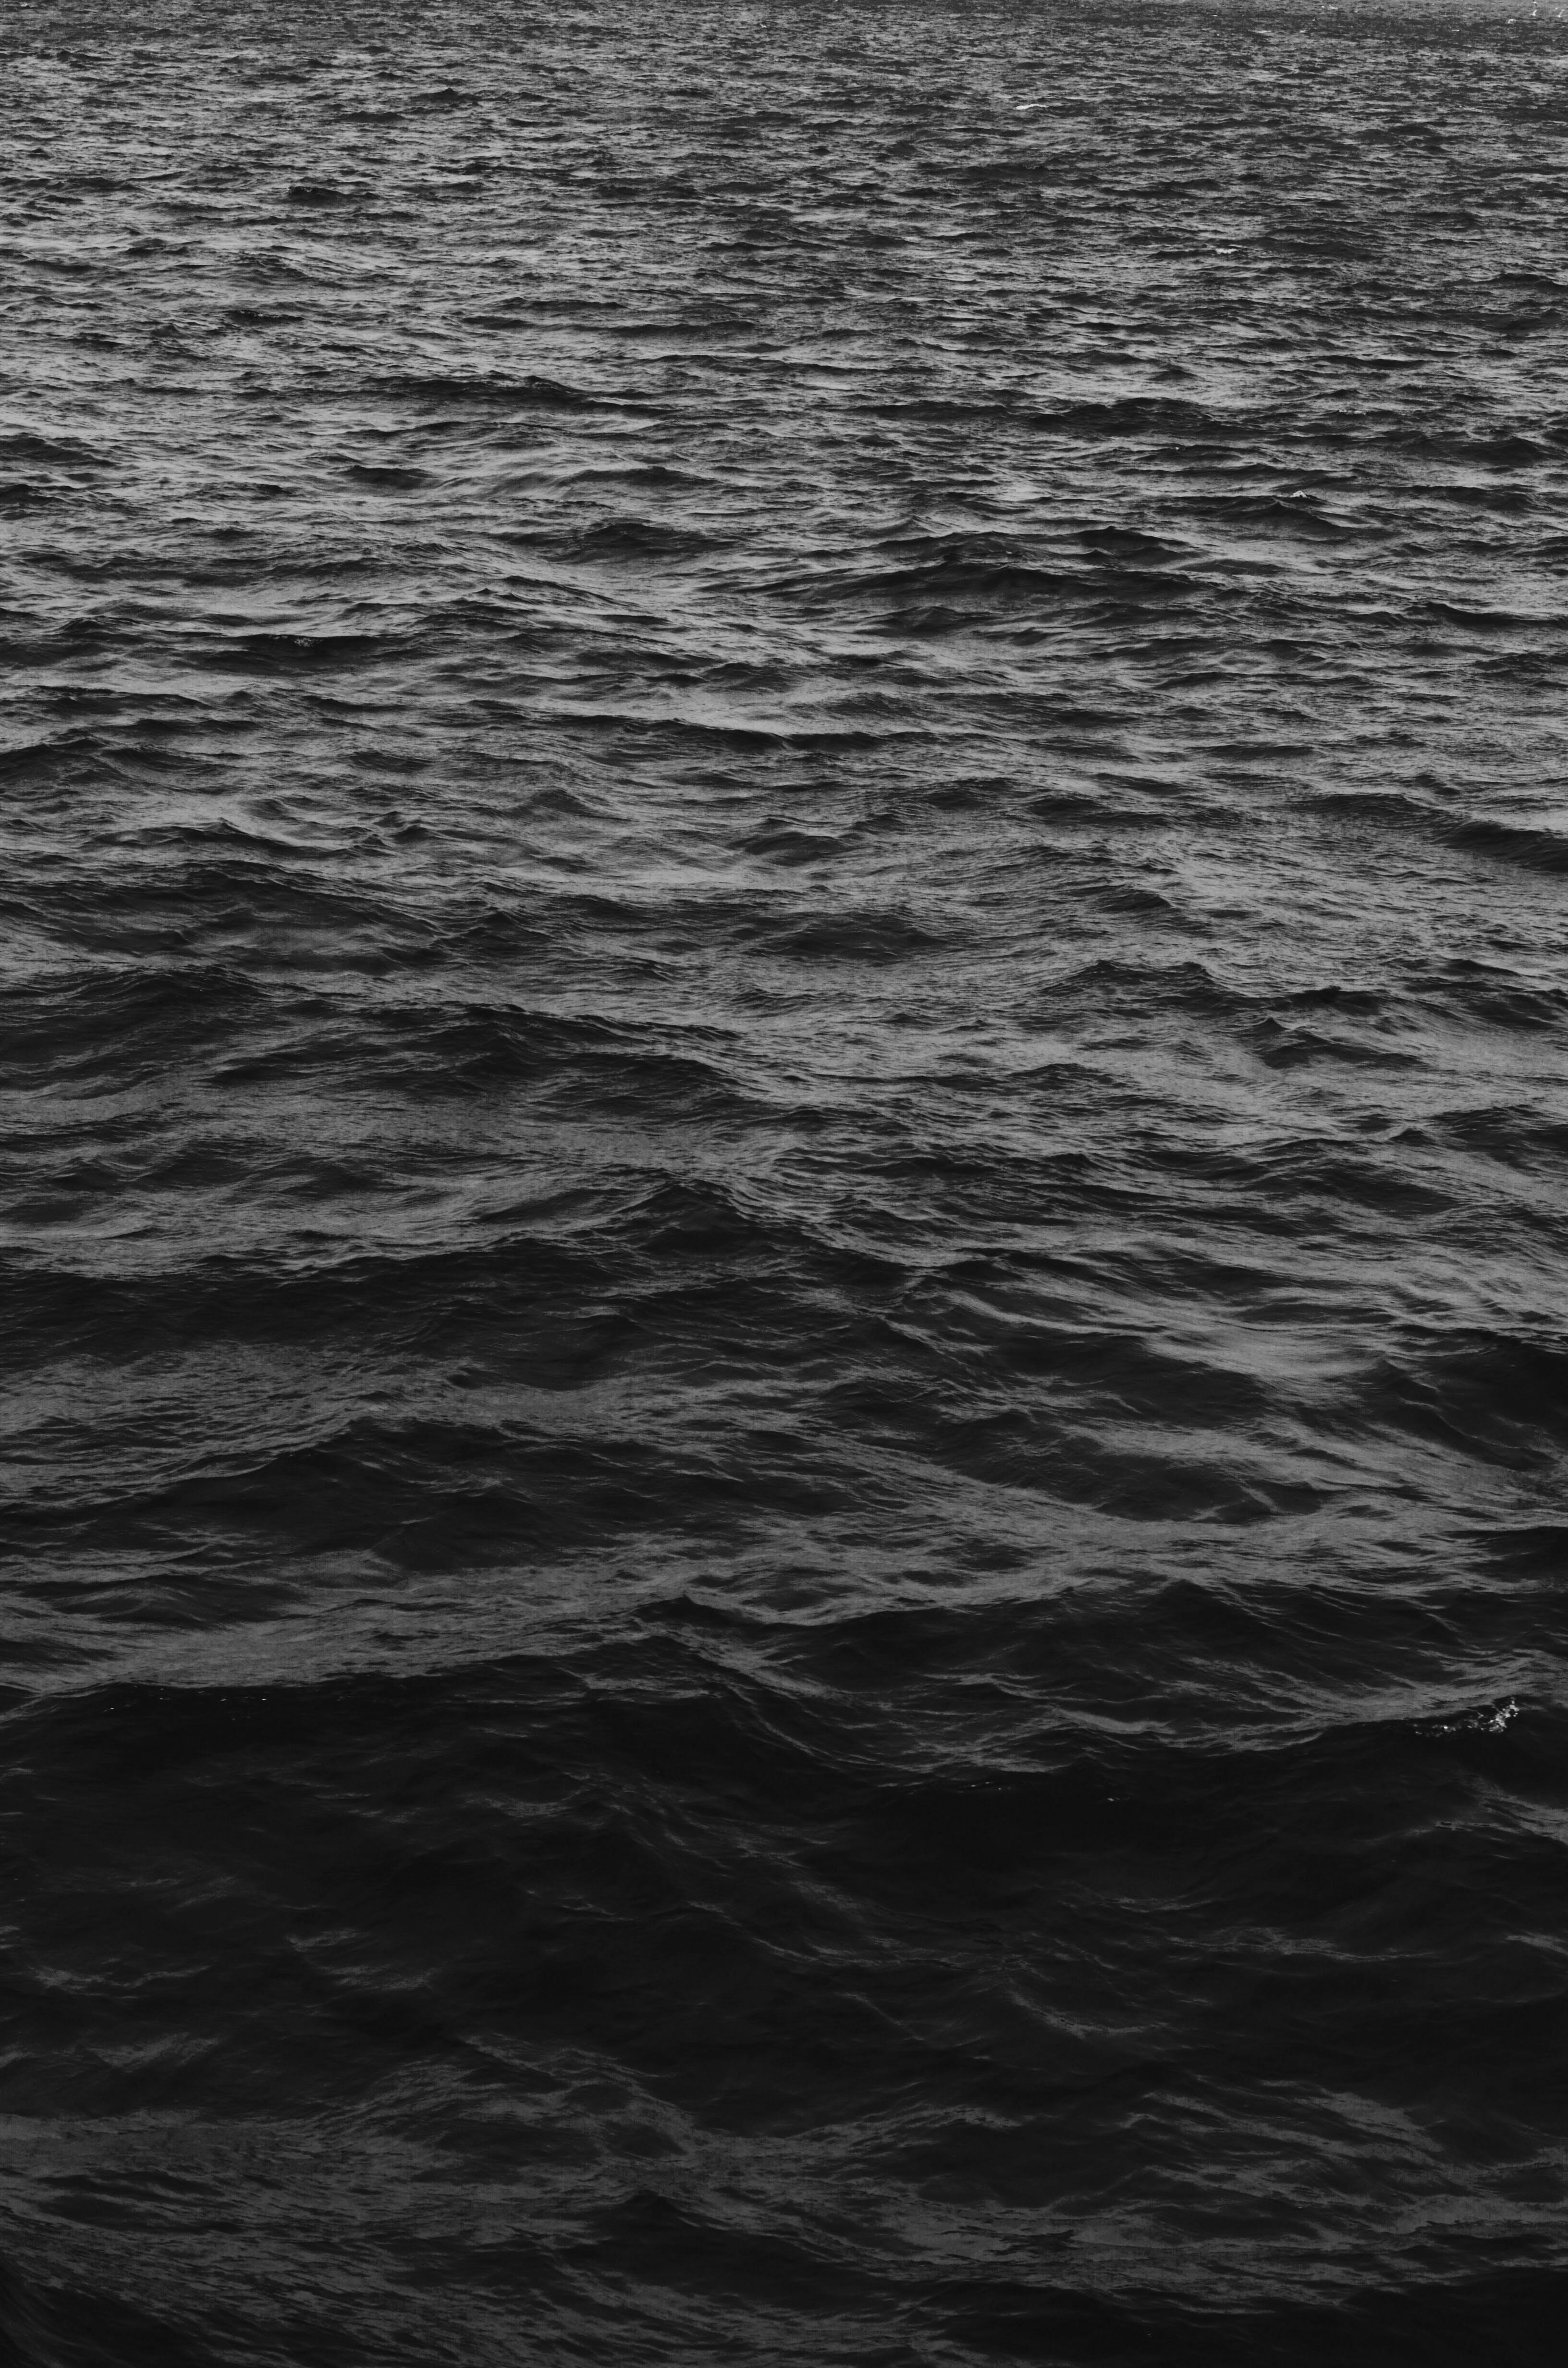 Kostenloses Stock Foto zu abend, dunkel, erdoberfläche, flüssig